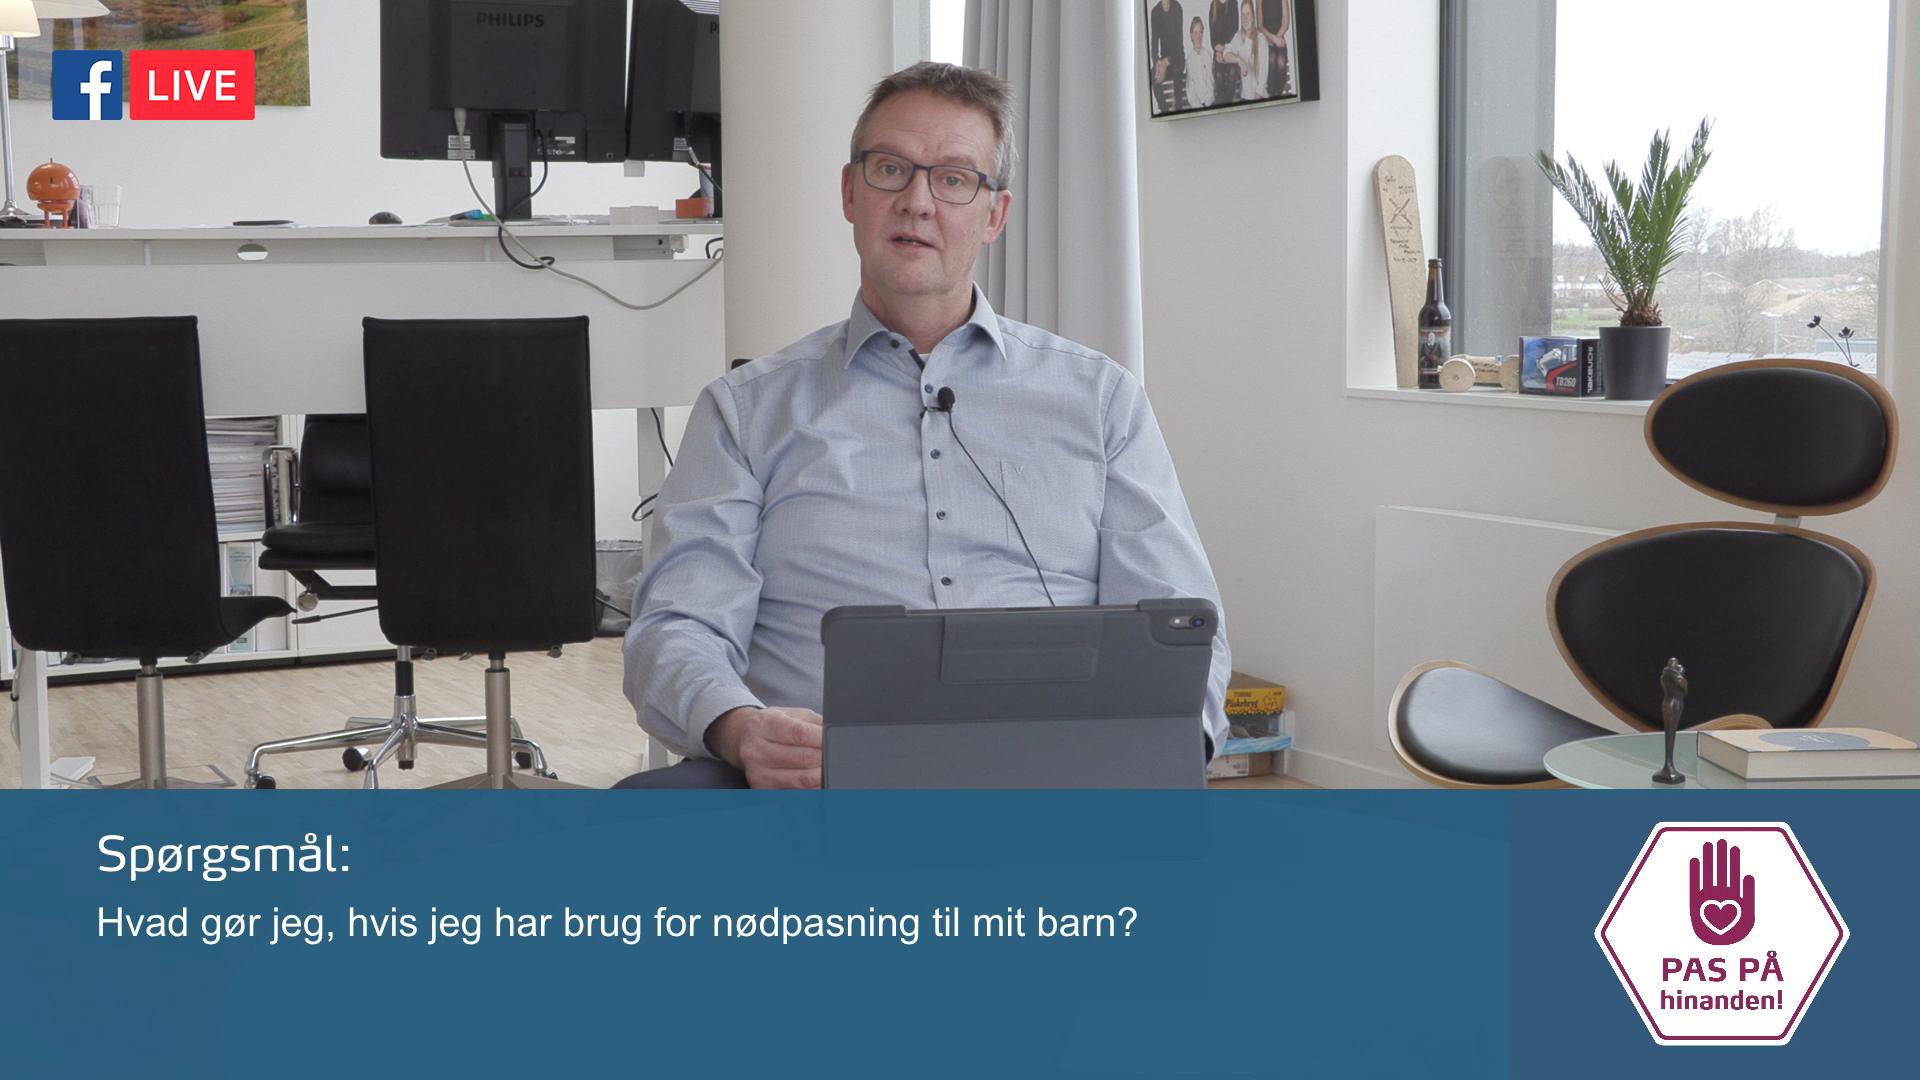 Hos Egedal Kommune svarede borgmesteren på spørgsmål under COVID-19.